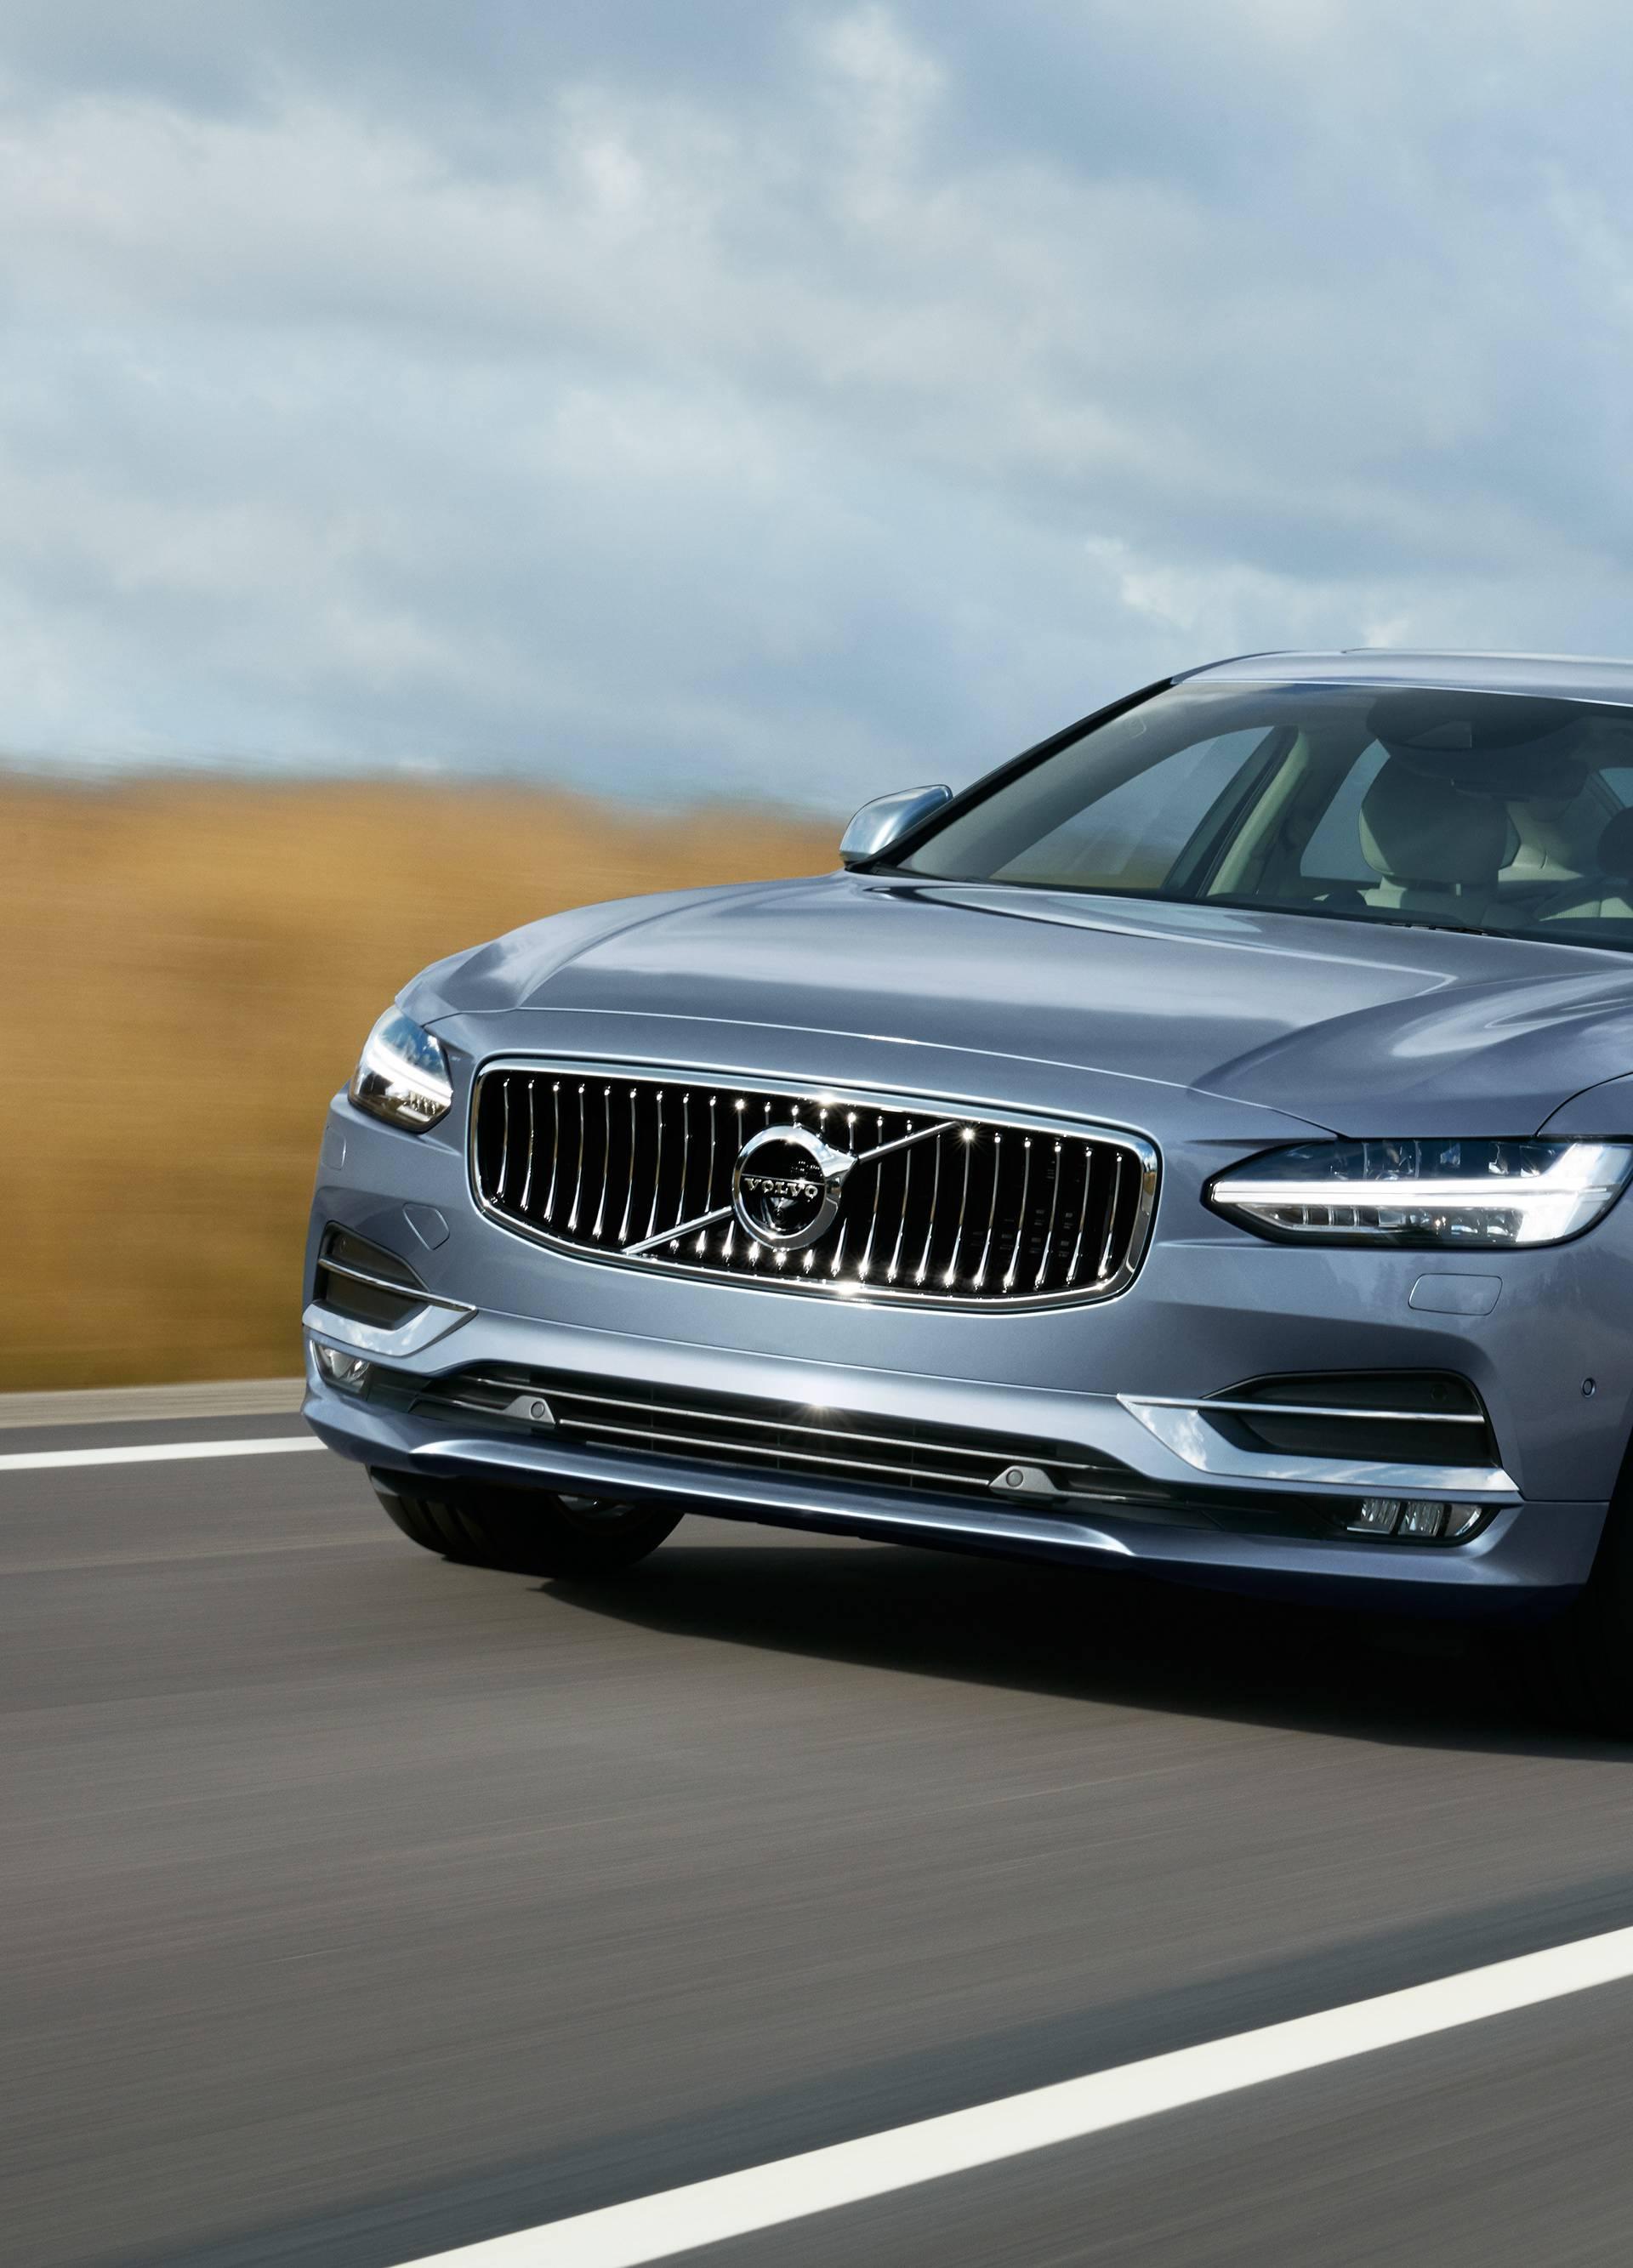 Od iduće godine ni jedan Volvo neće moći ići brže od 180 km/h